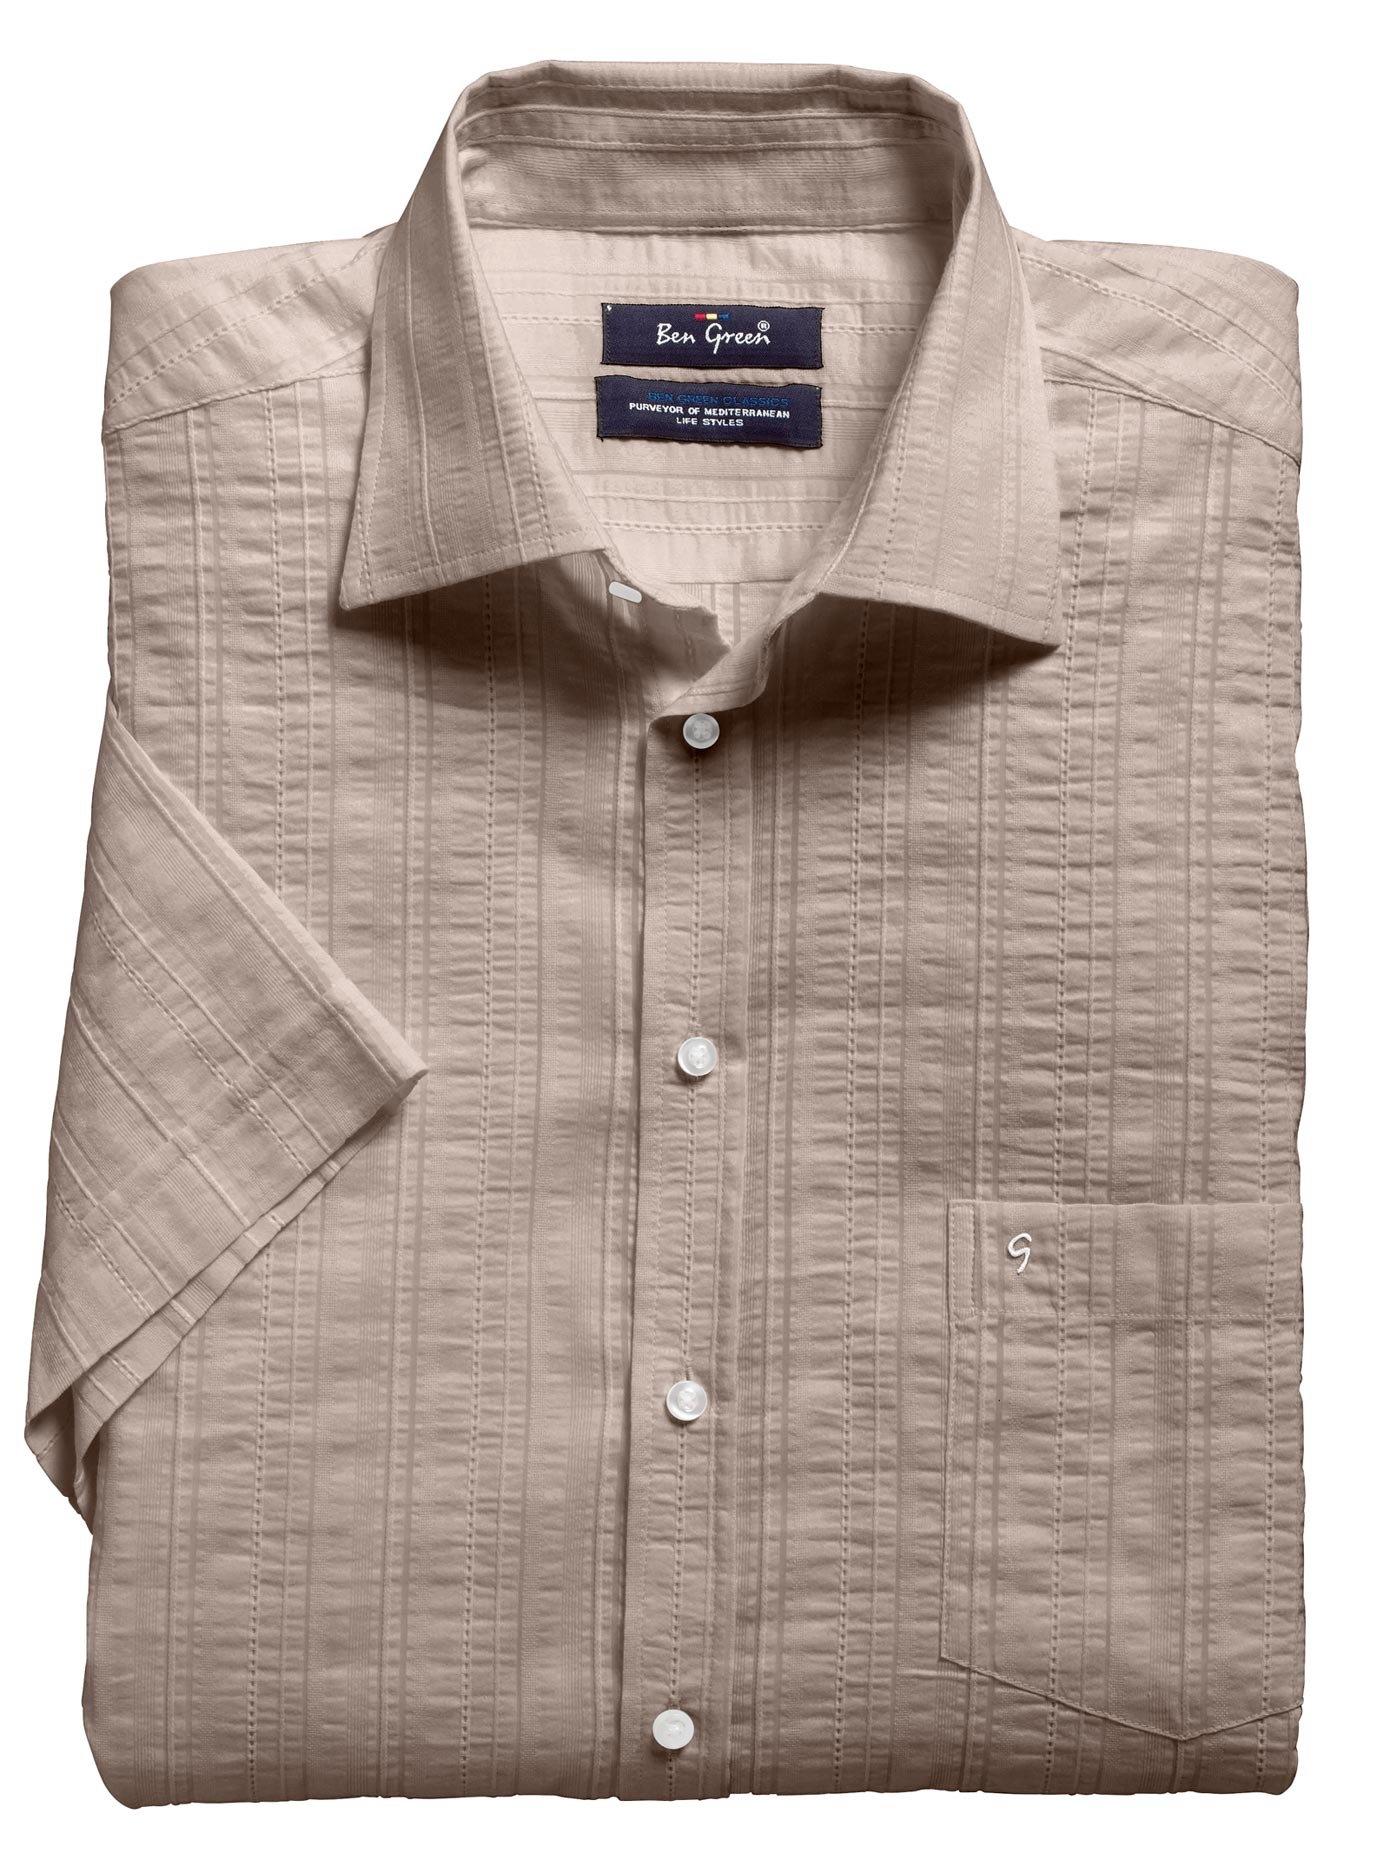 Classic Overhemd met korte mouwen voordelig en veilig online kopen